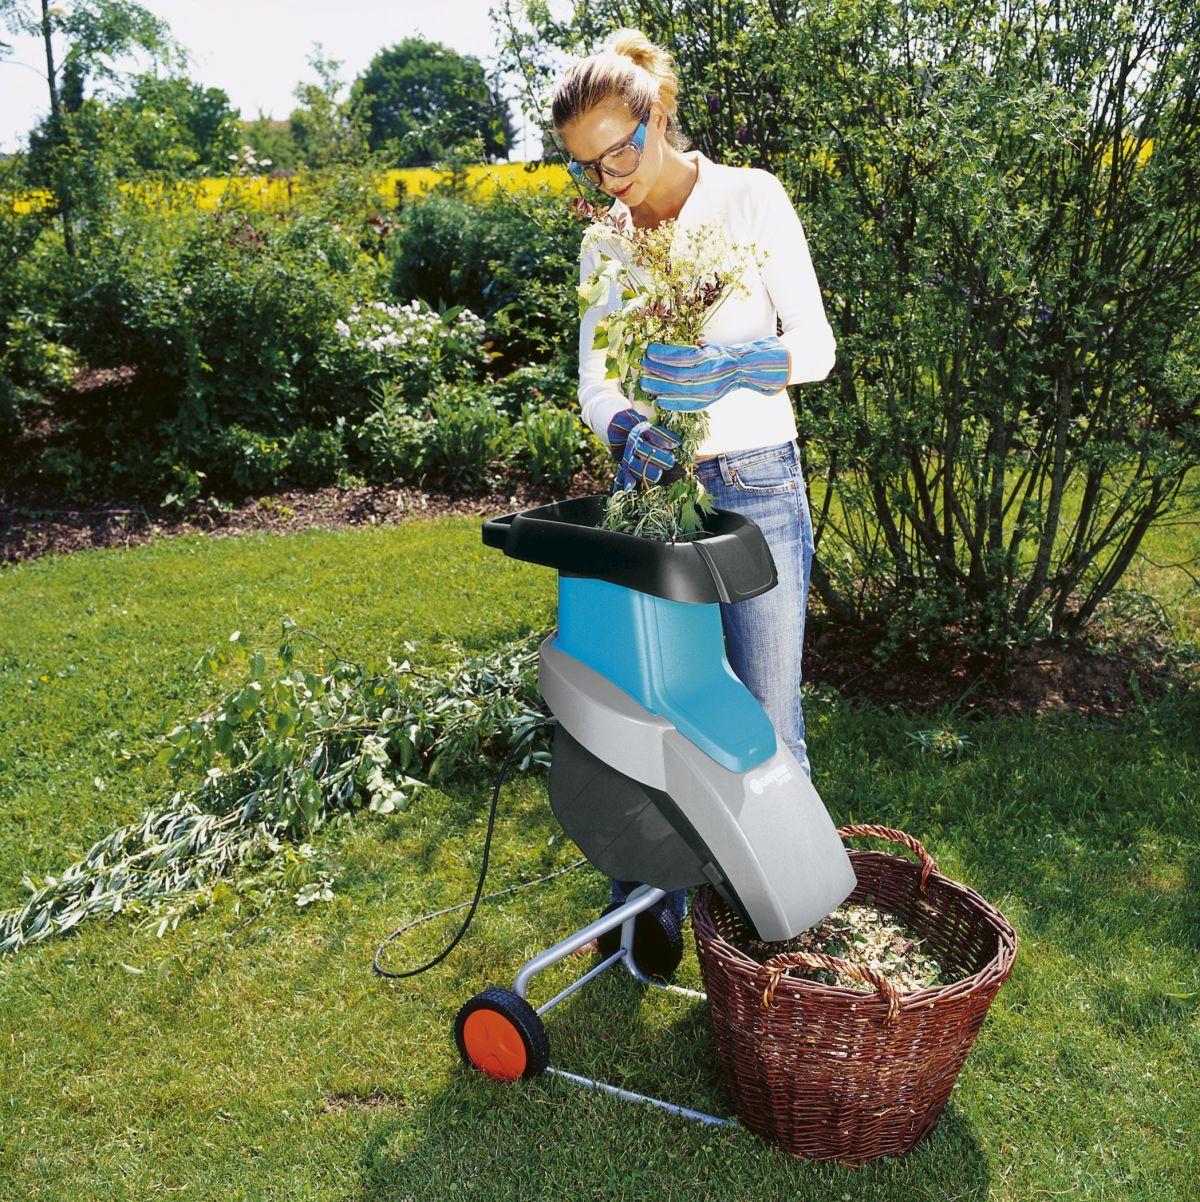 Сучкодробилка садовая своими руками